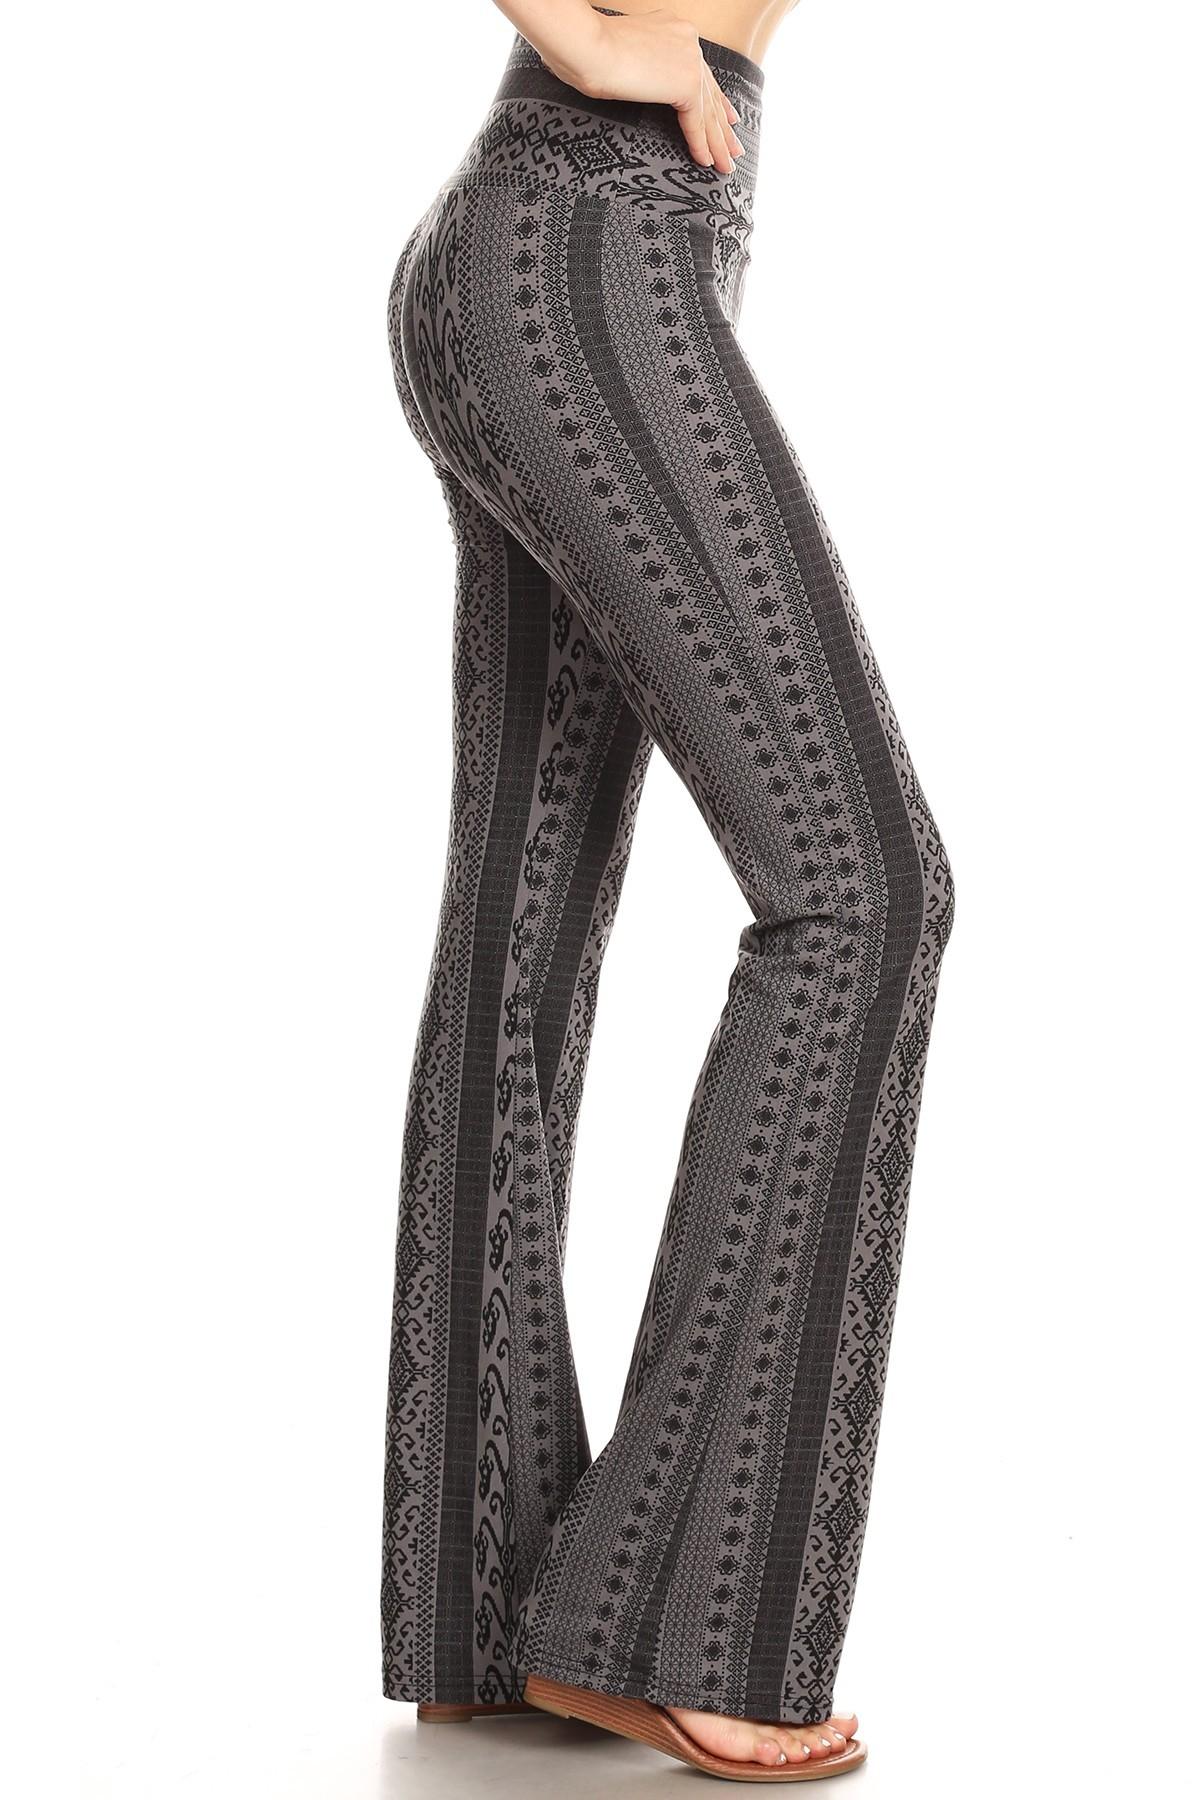 GREY/BLACK BOHO PRINT HIGH WAIST BRUSH POLY FLARE PANTS#8FP06-07